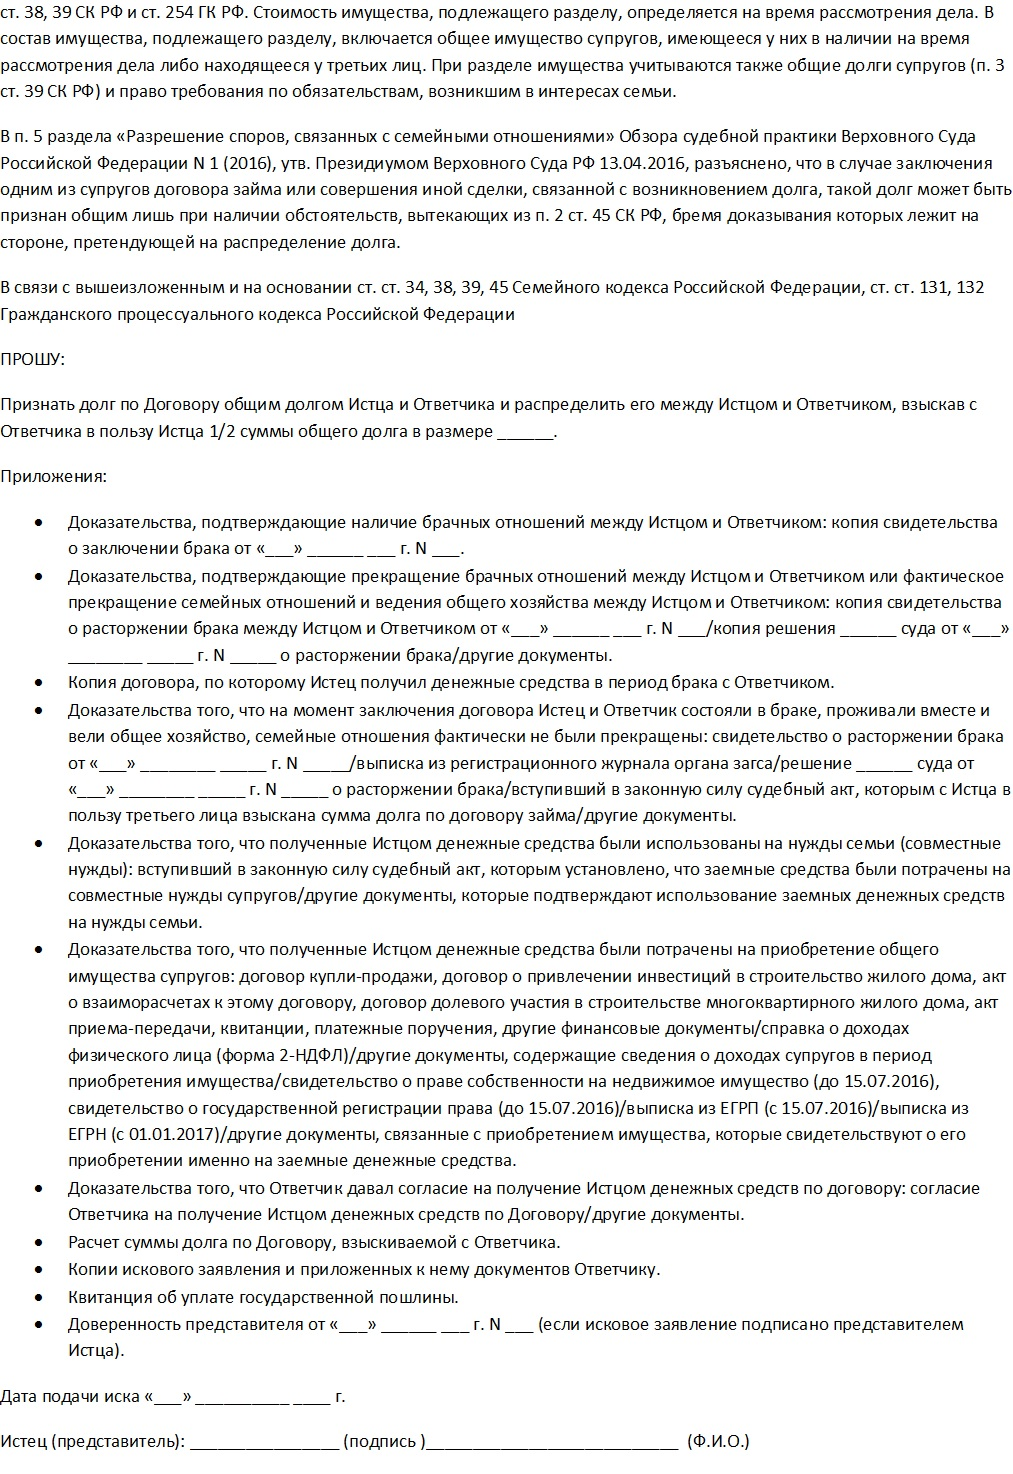 Ст 131 132 гпк рф образец заявления удобный сервис.